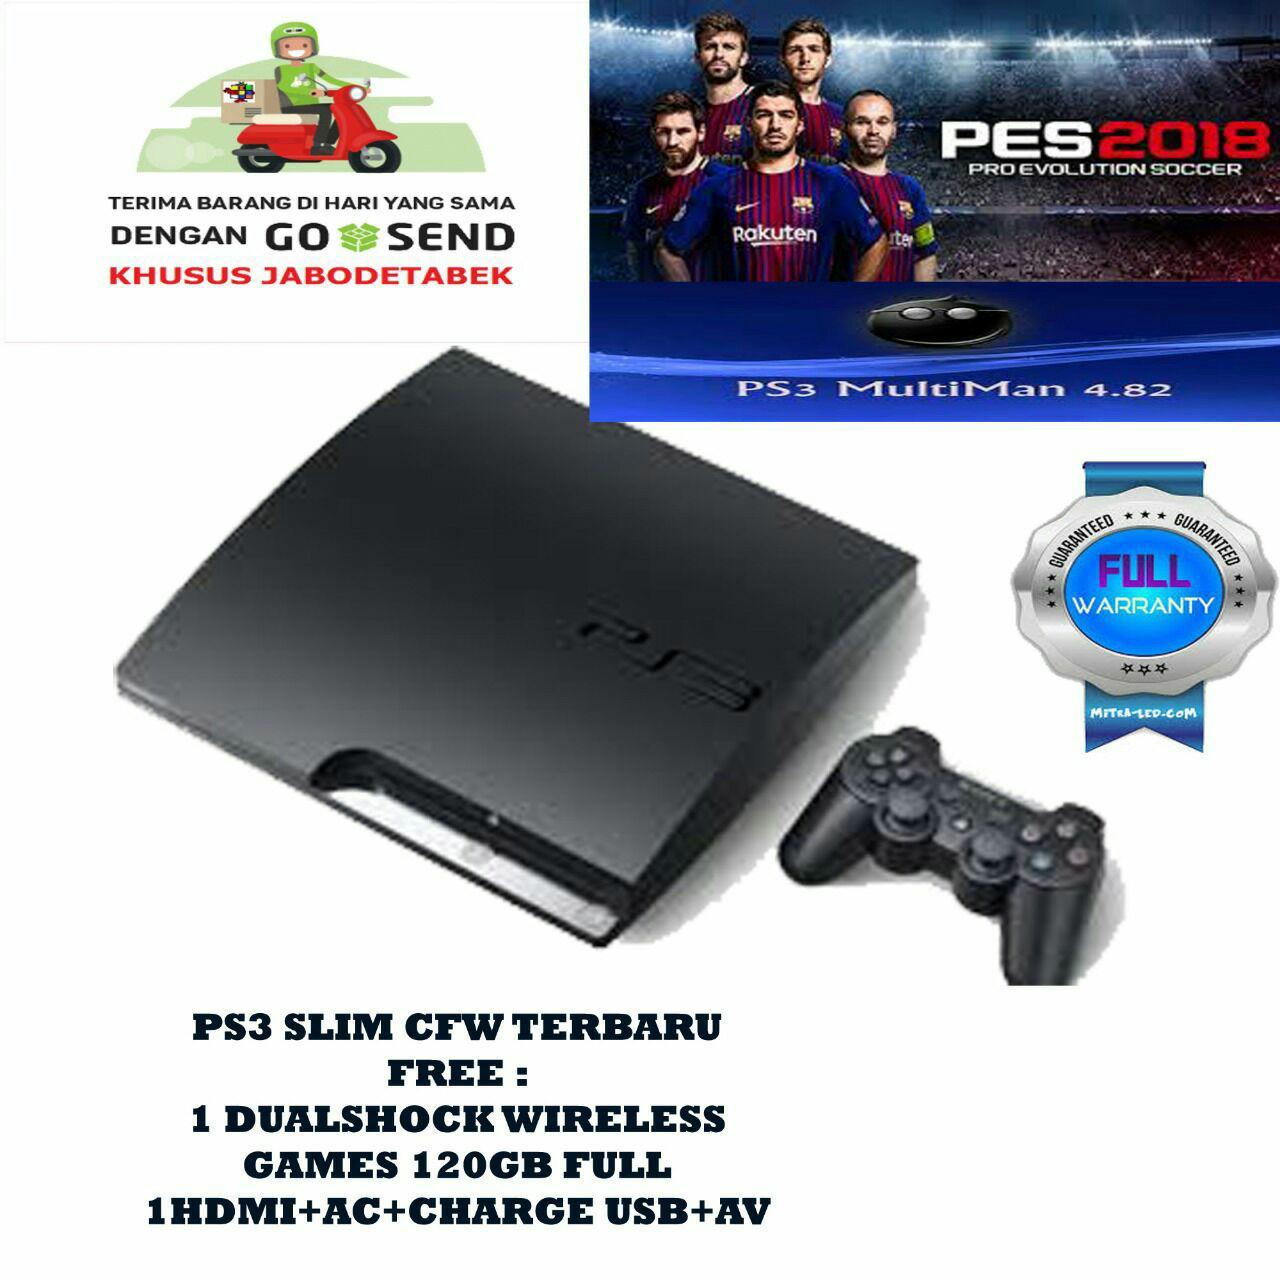 Ps3 slim cfw 120gb free 10 games